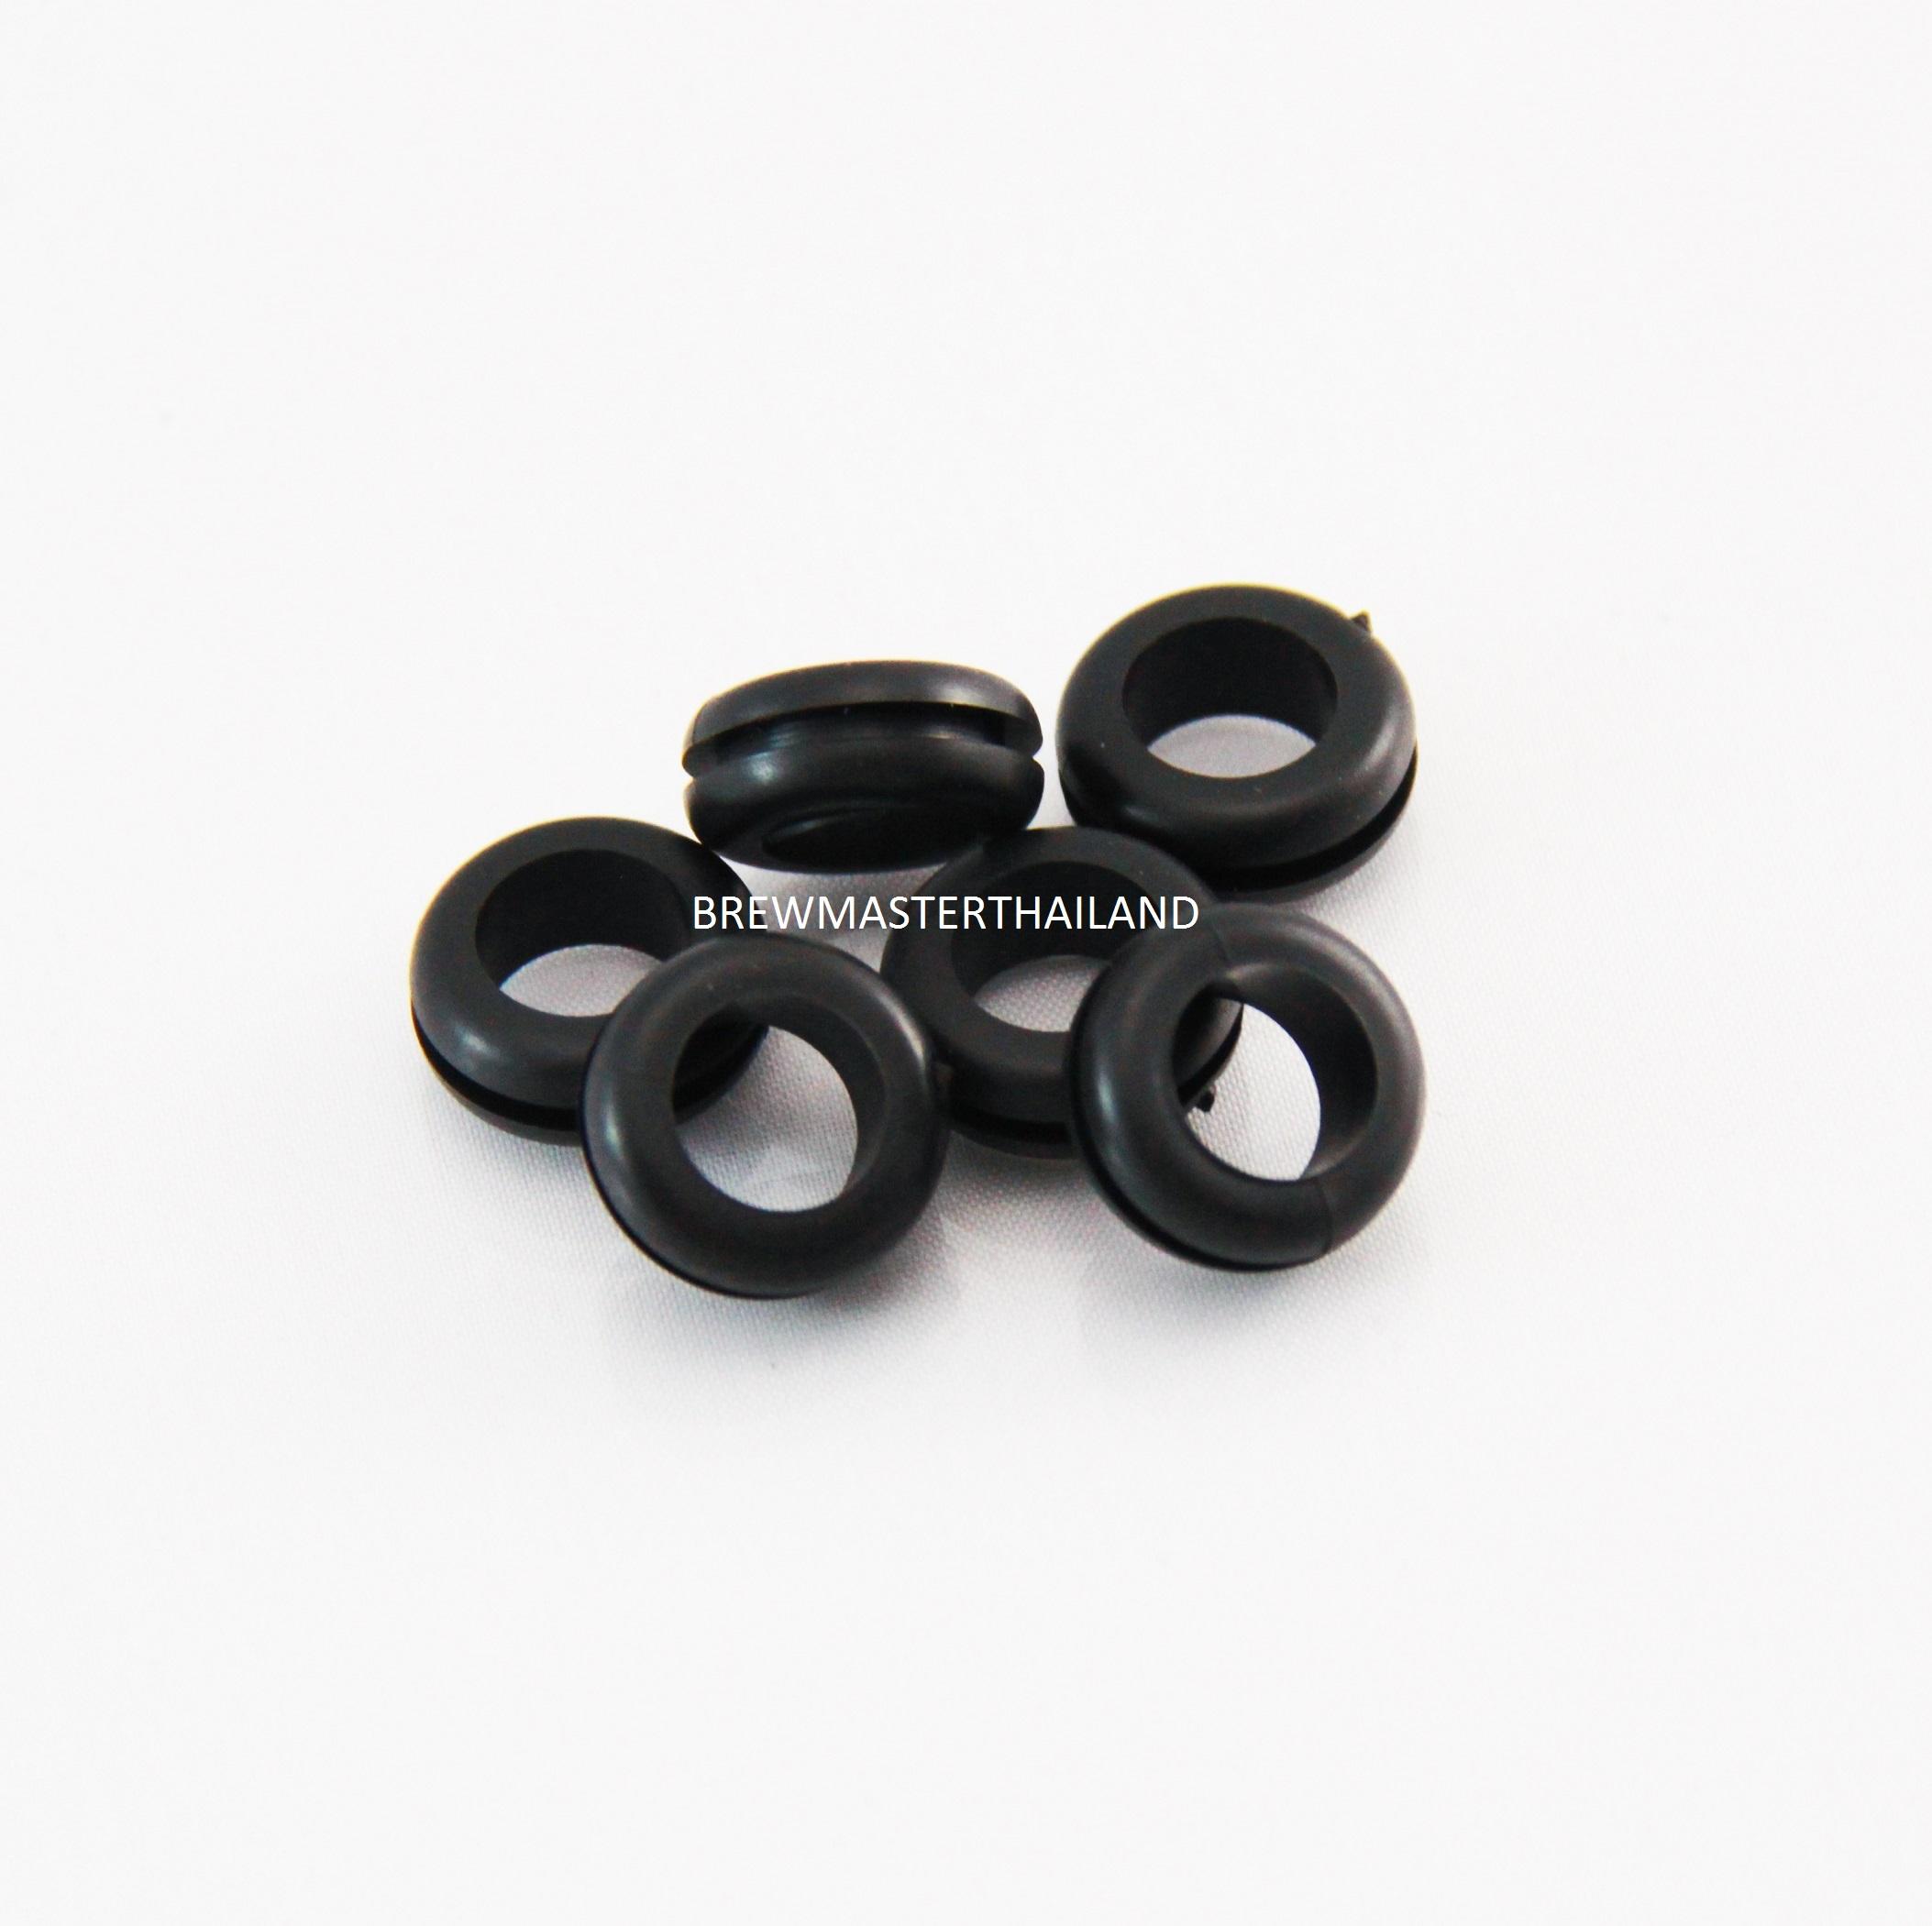 Rubber Grommet (1 pcs) - 3/8-inch (inner diameter)